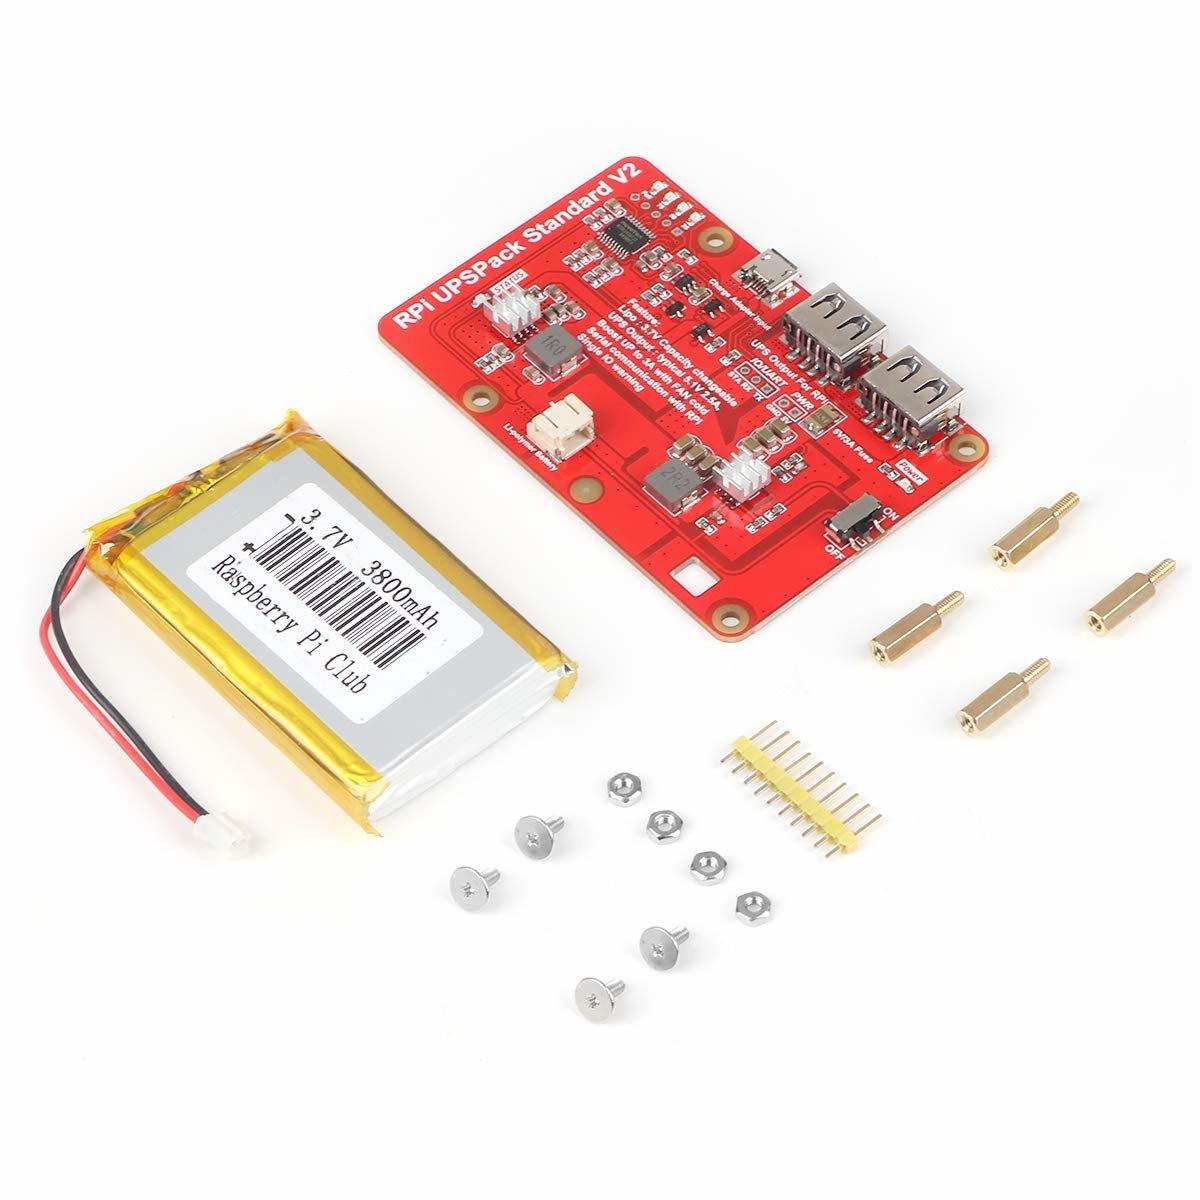 樹莓派 UPS 鋰電池擴充板 | USB 雙輸出電源供應模組 (V2)-preview-2